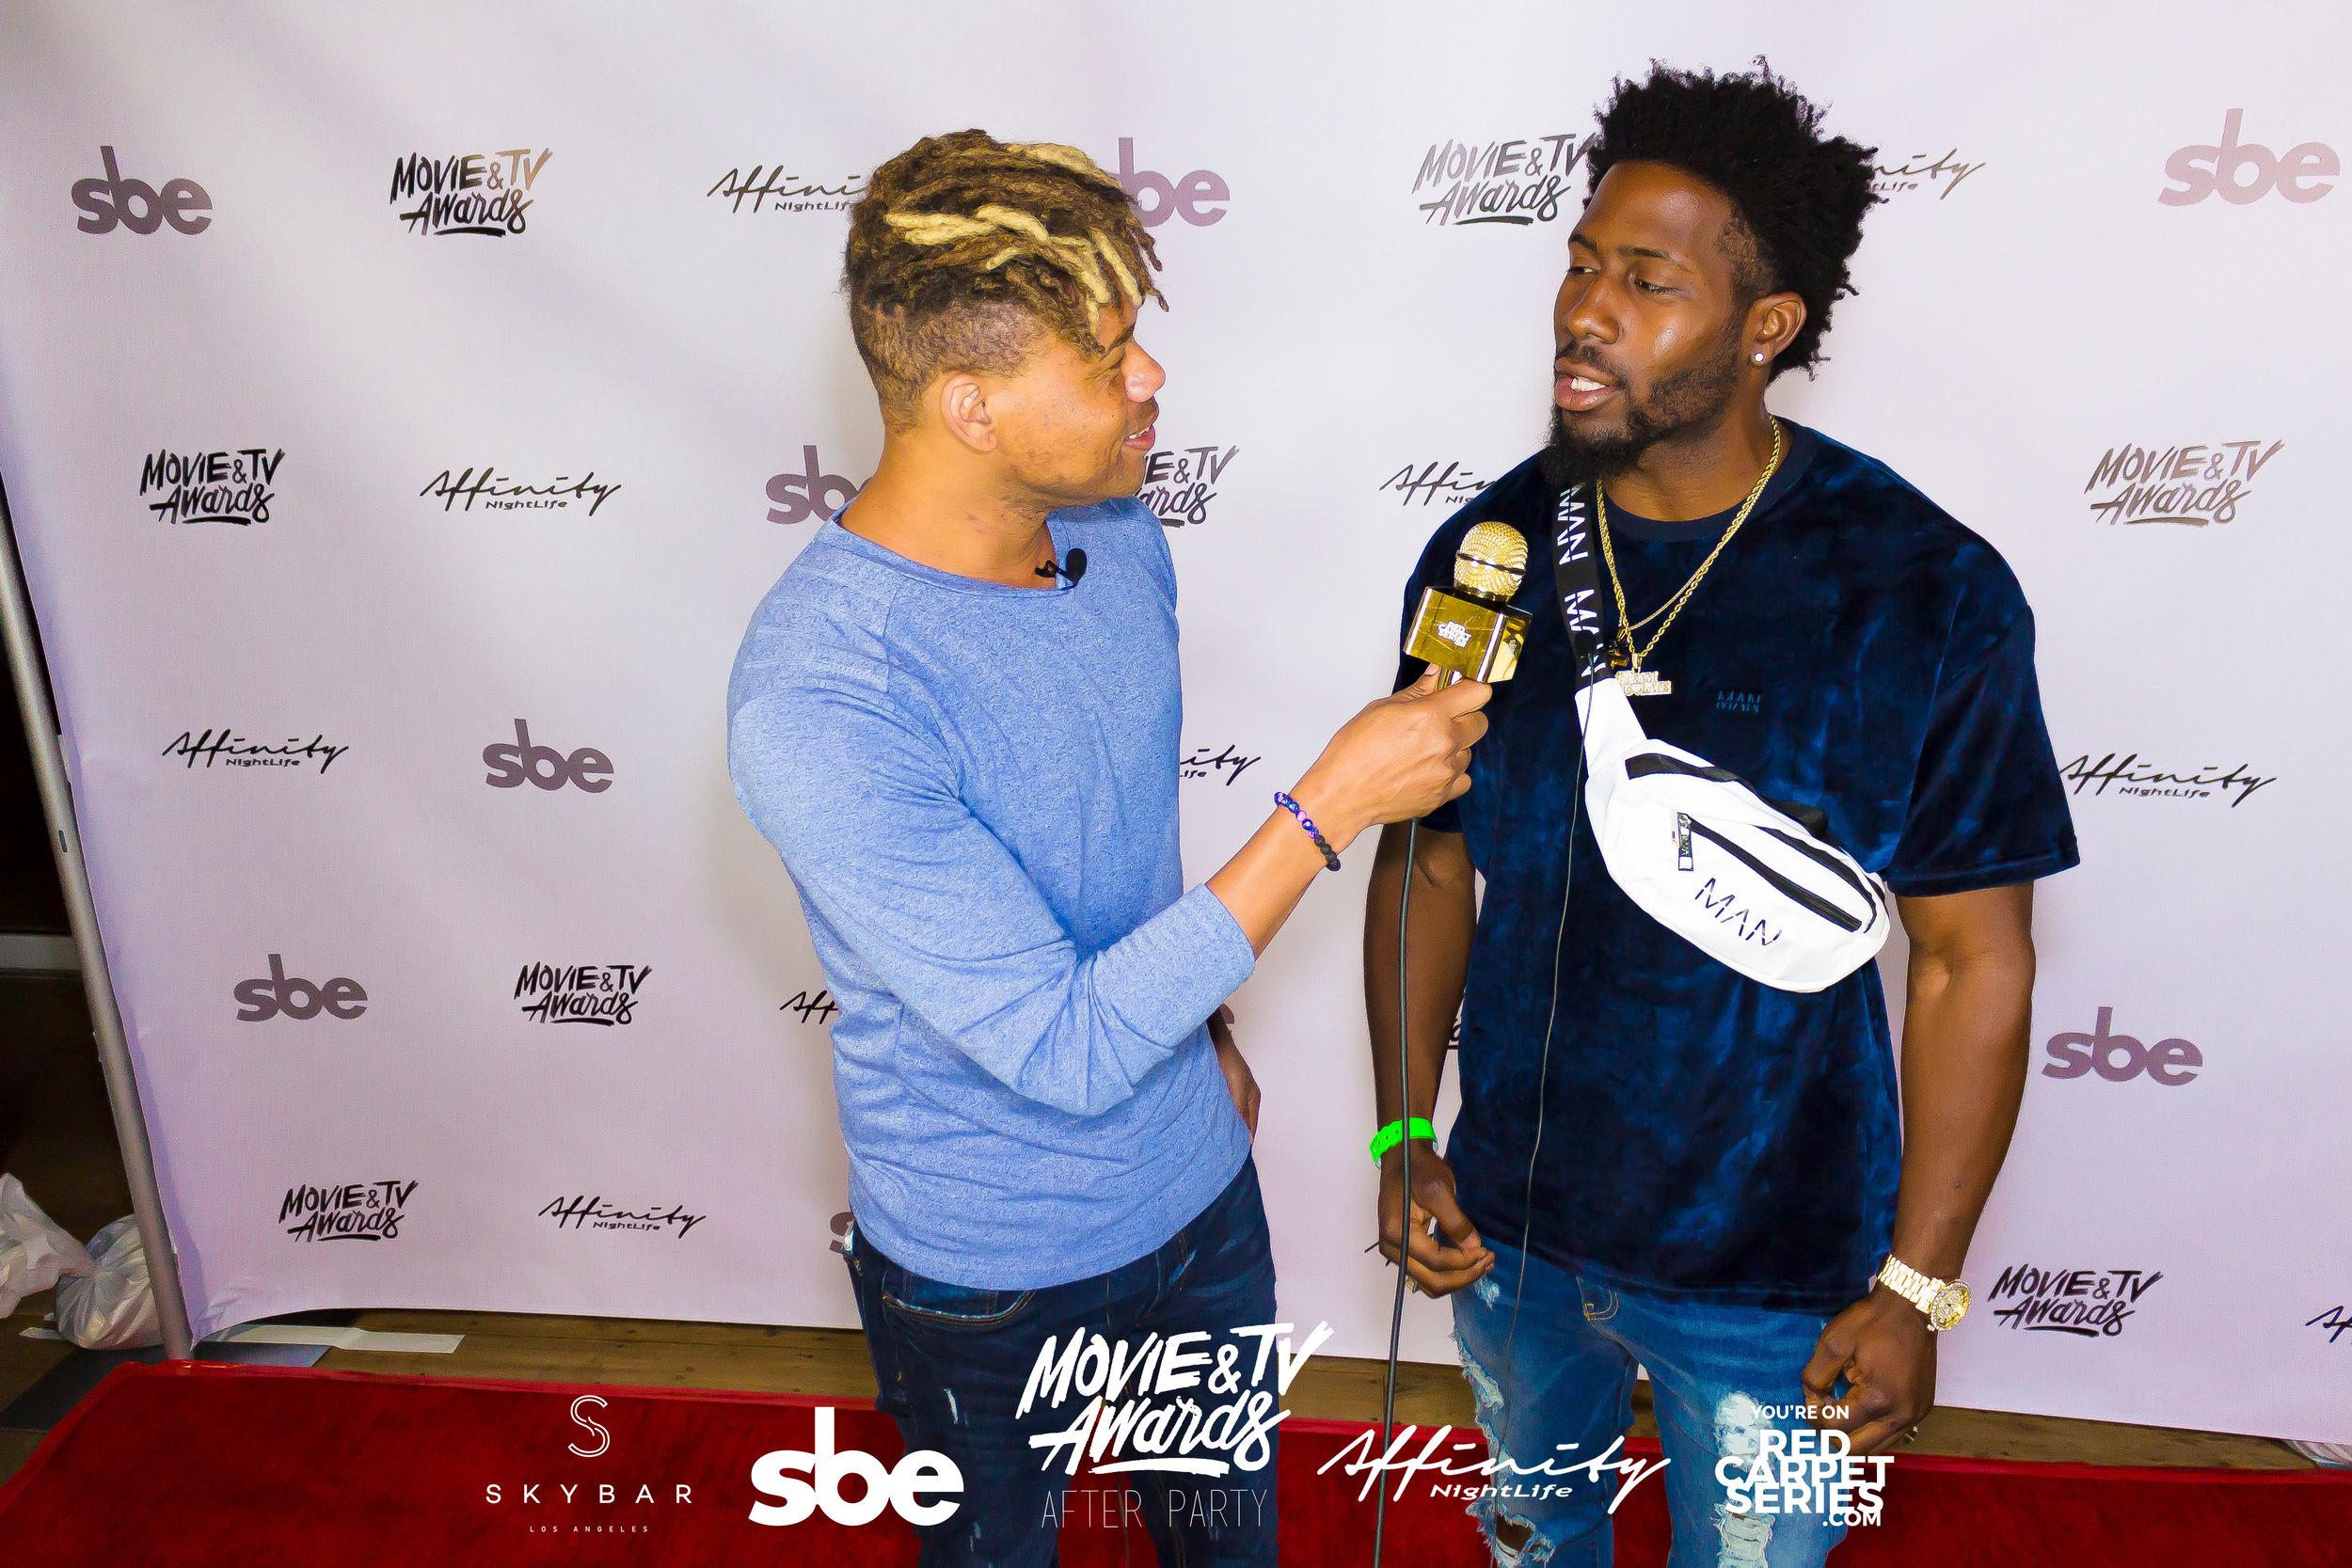 Affinity Nightlife MTV Movie & TV Awards After Party - Skybar at Mondrian - 06-15-19 - Vol. 1_31.jpg